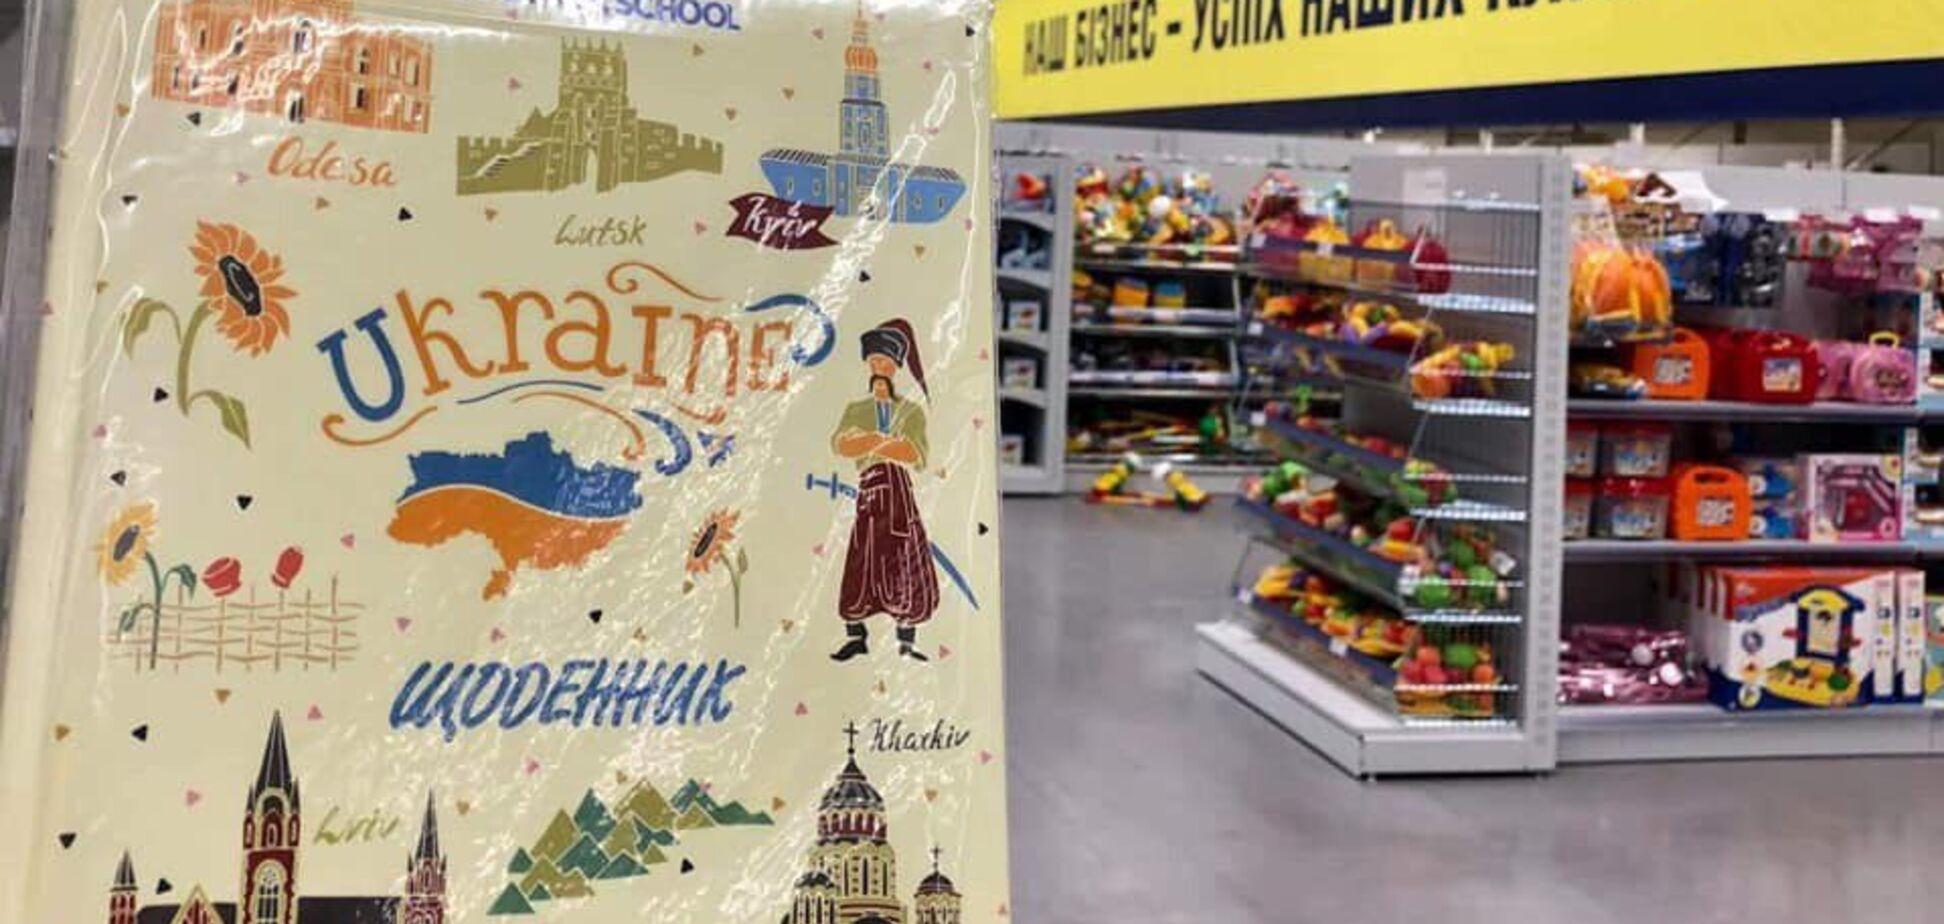 'Крым — Украина?' Популярный гипермаркет попал в скандал с картой: фотофакт